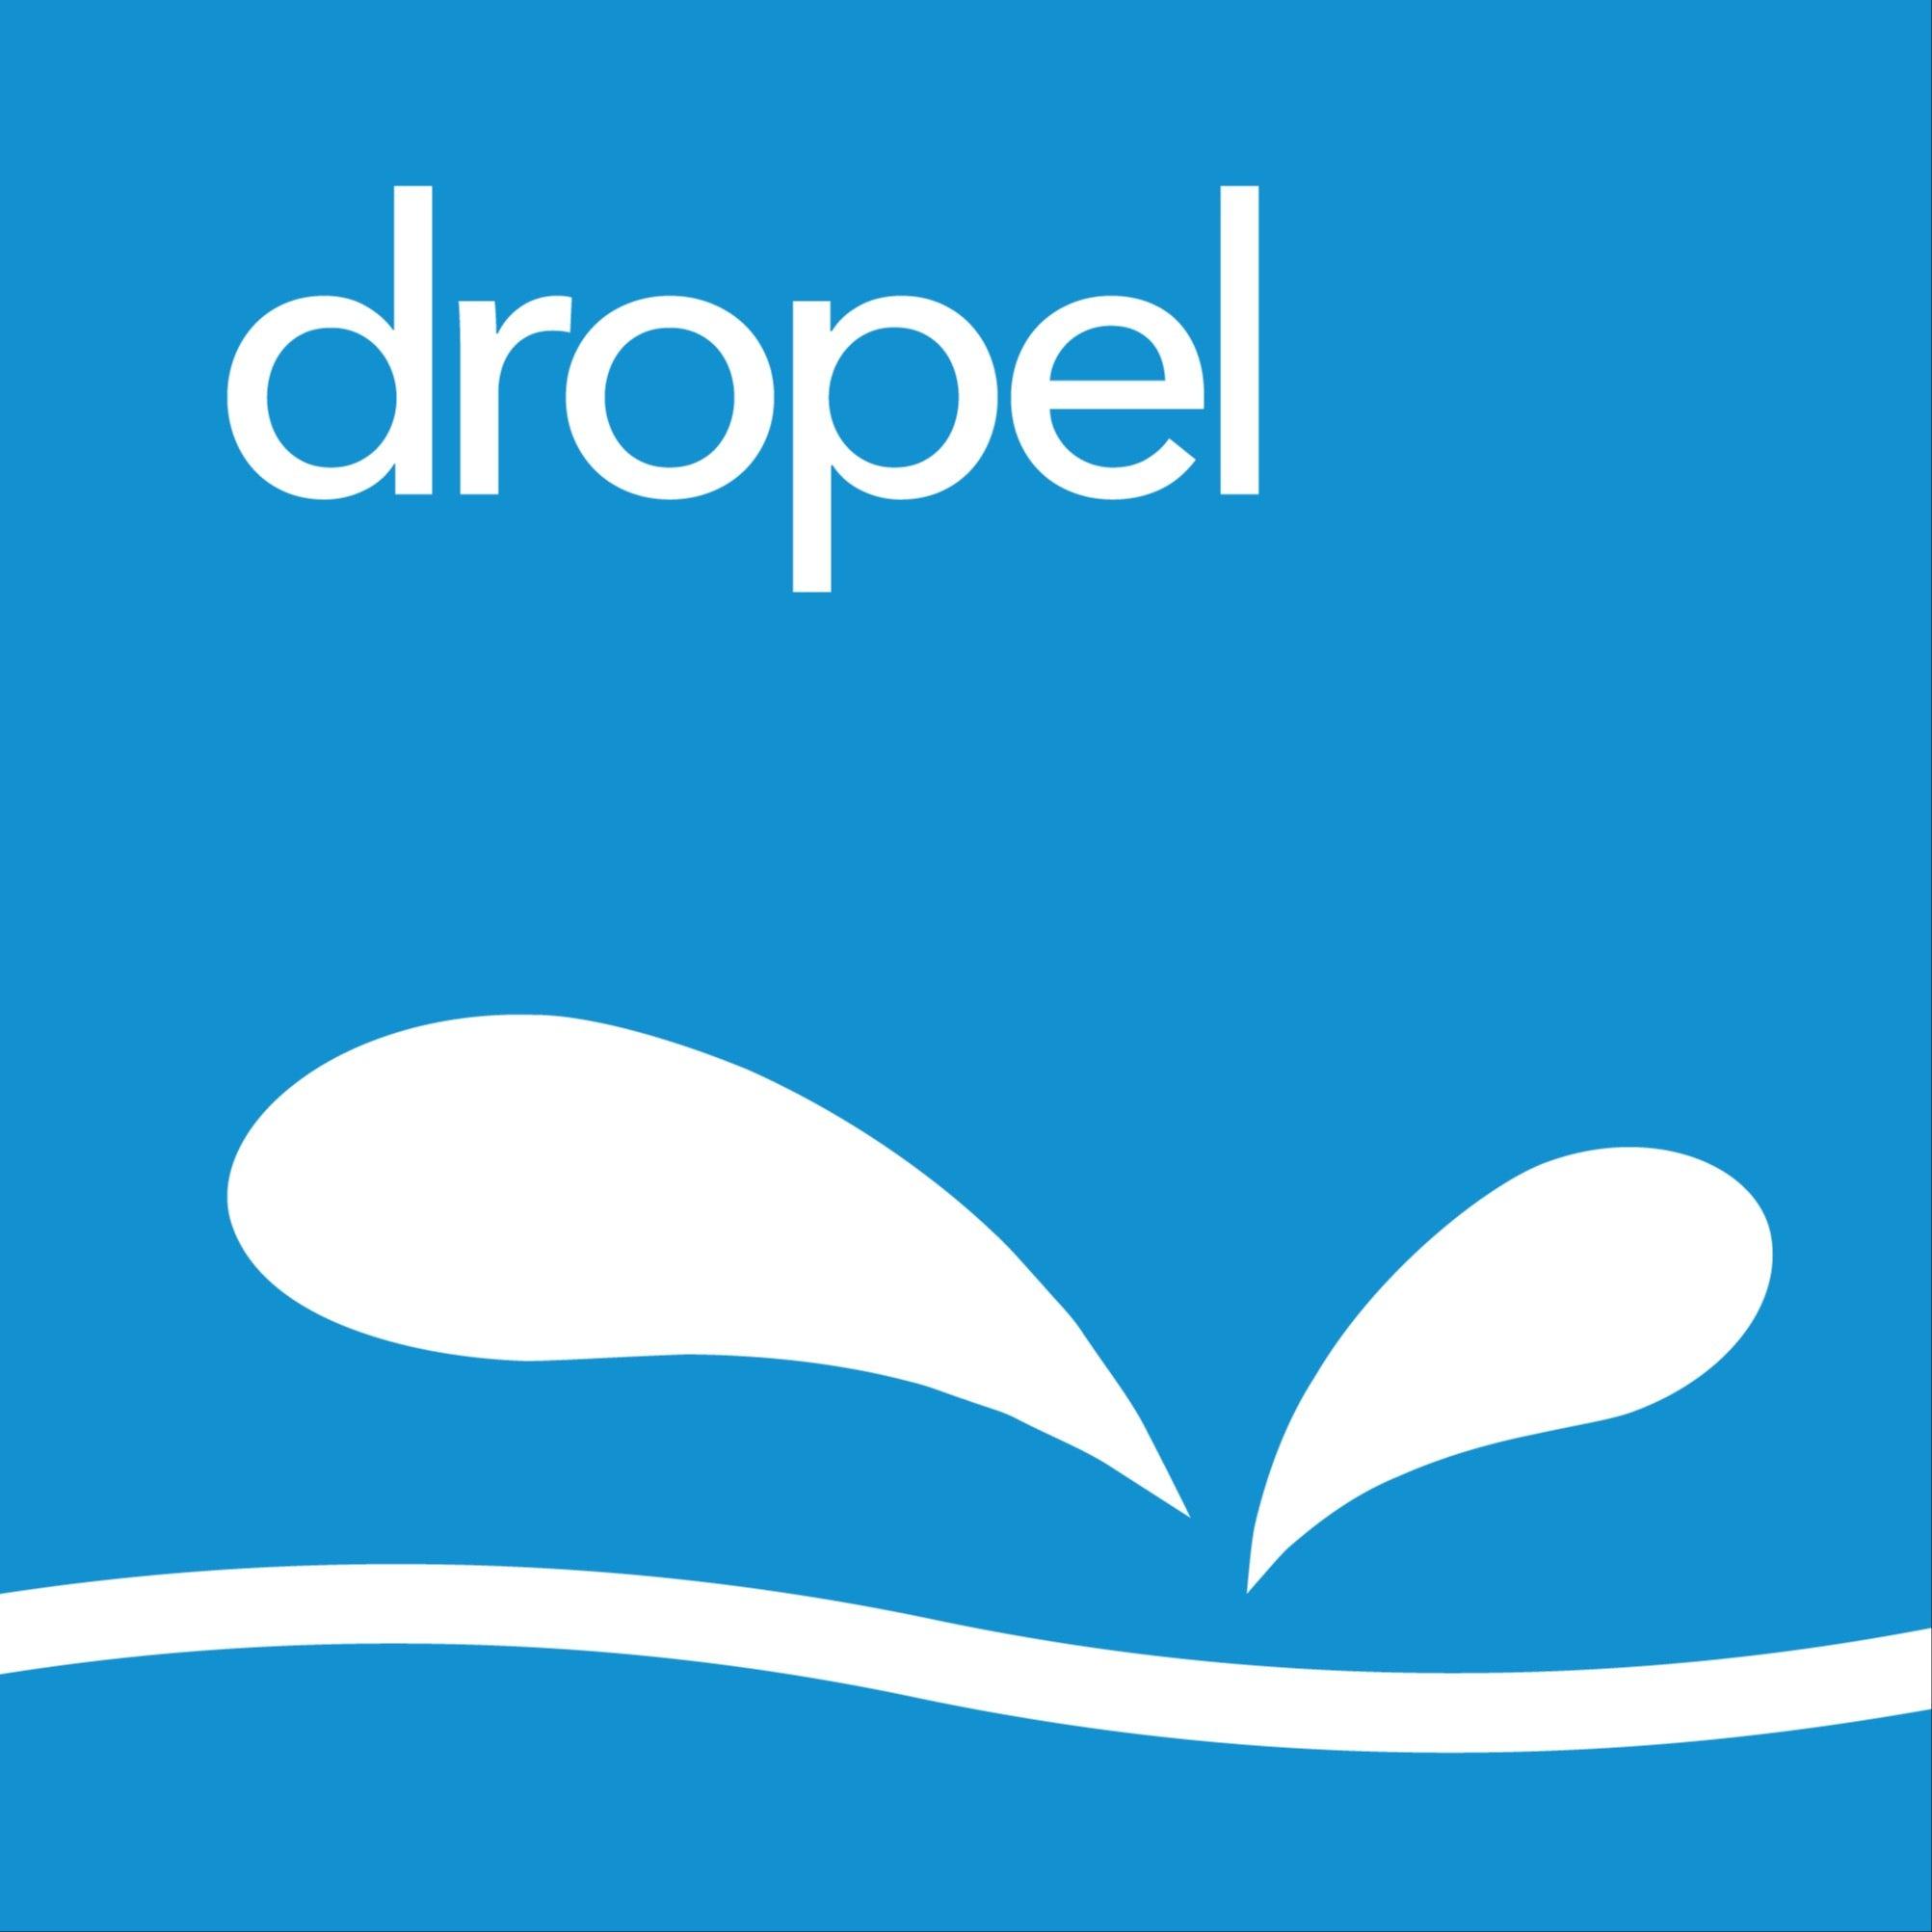 Dropel Fabrics company logo